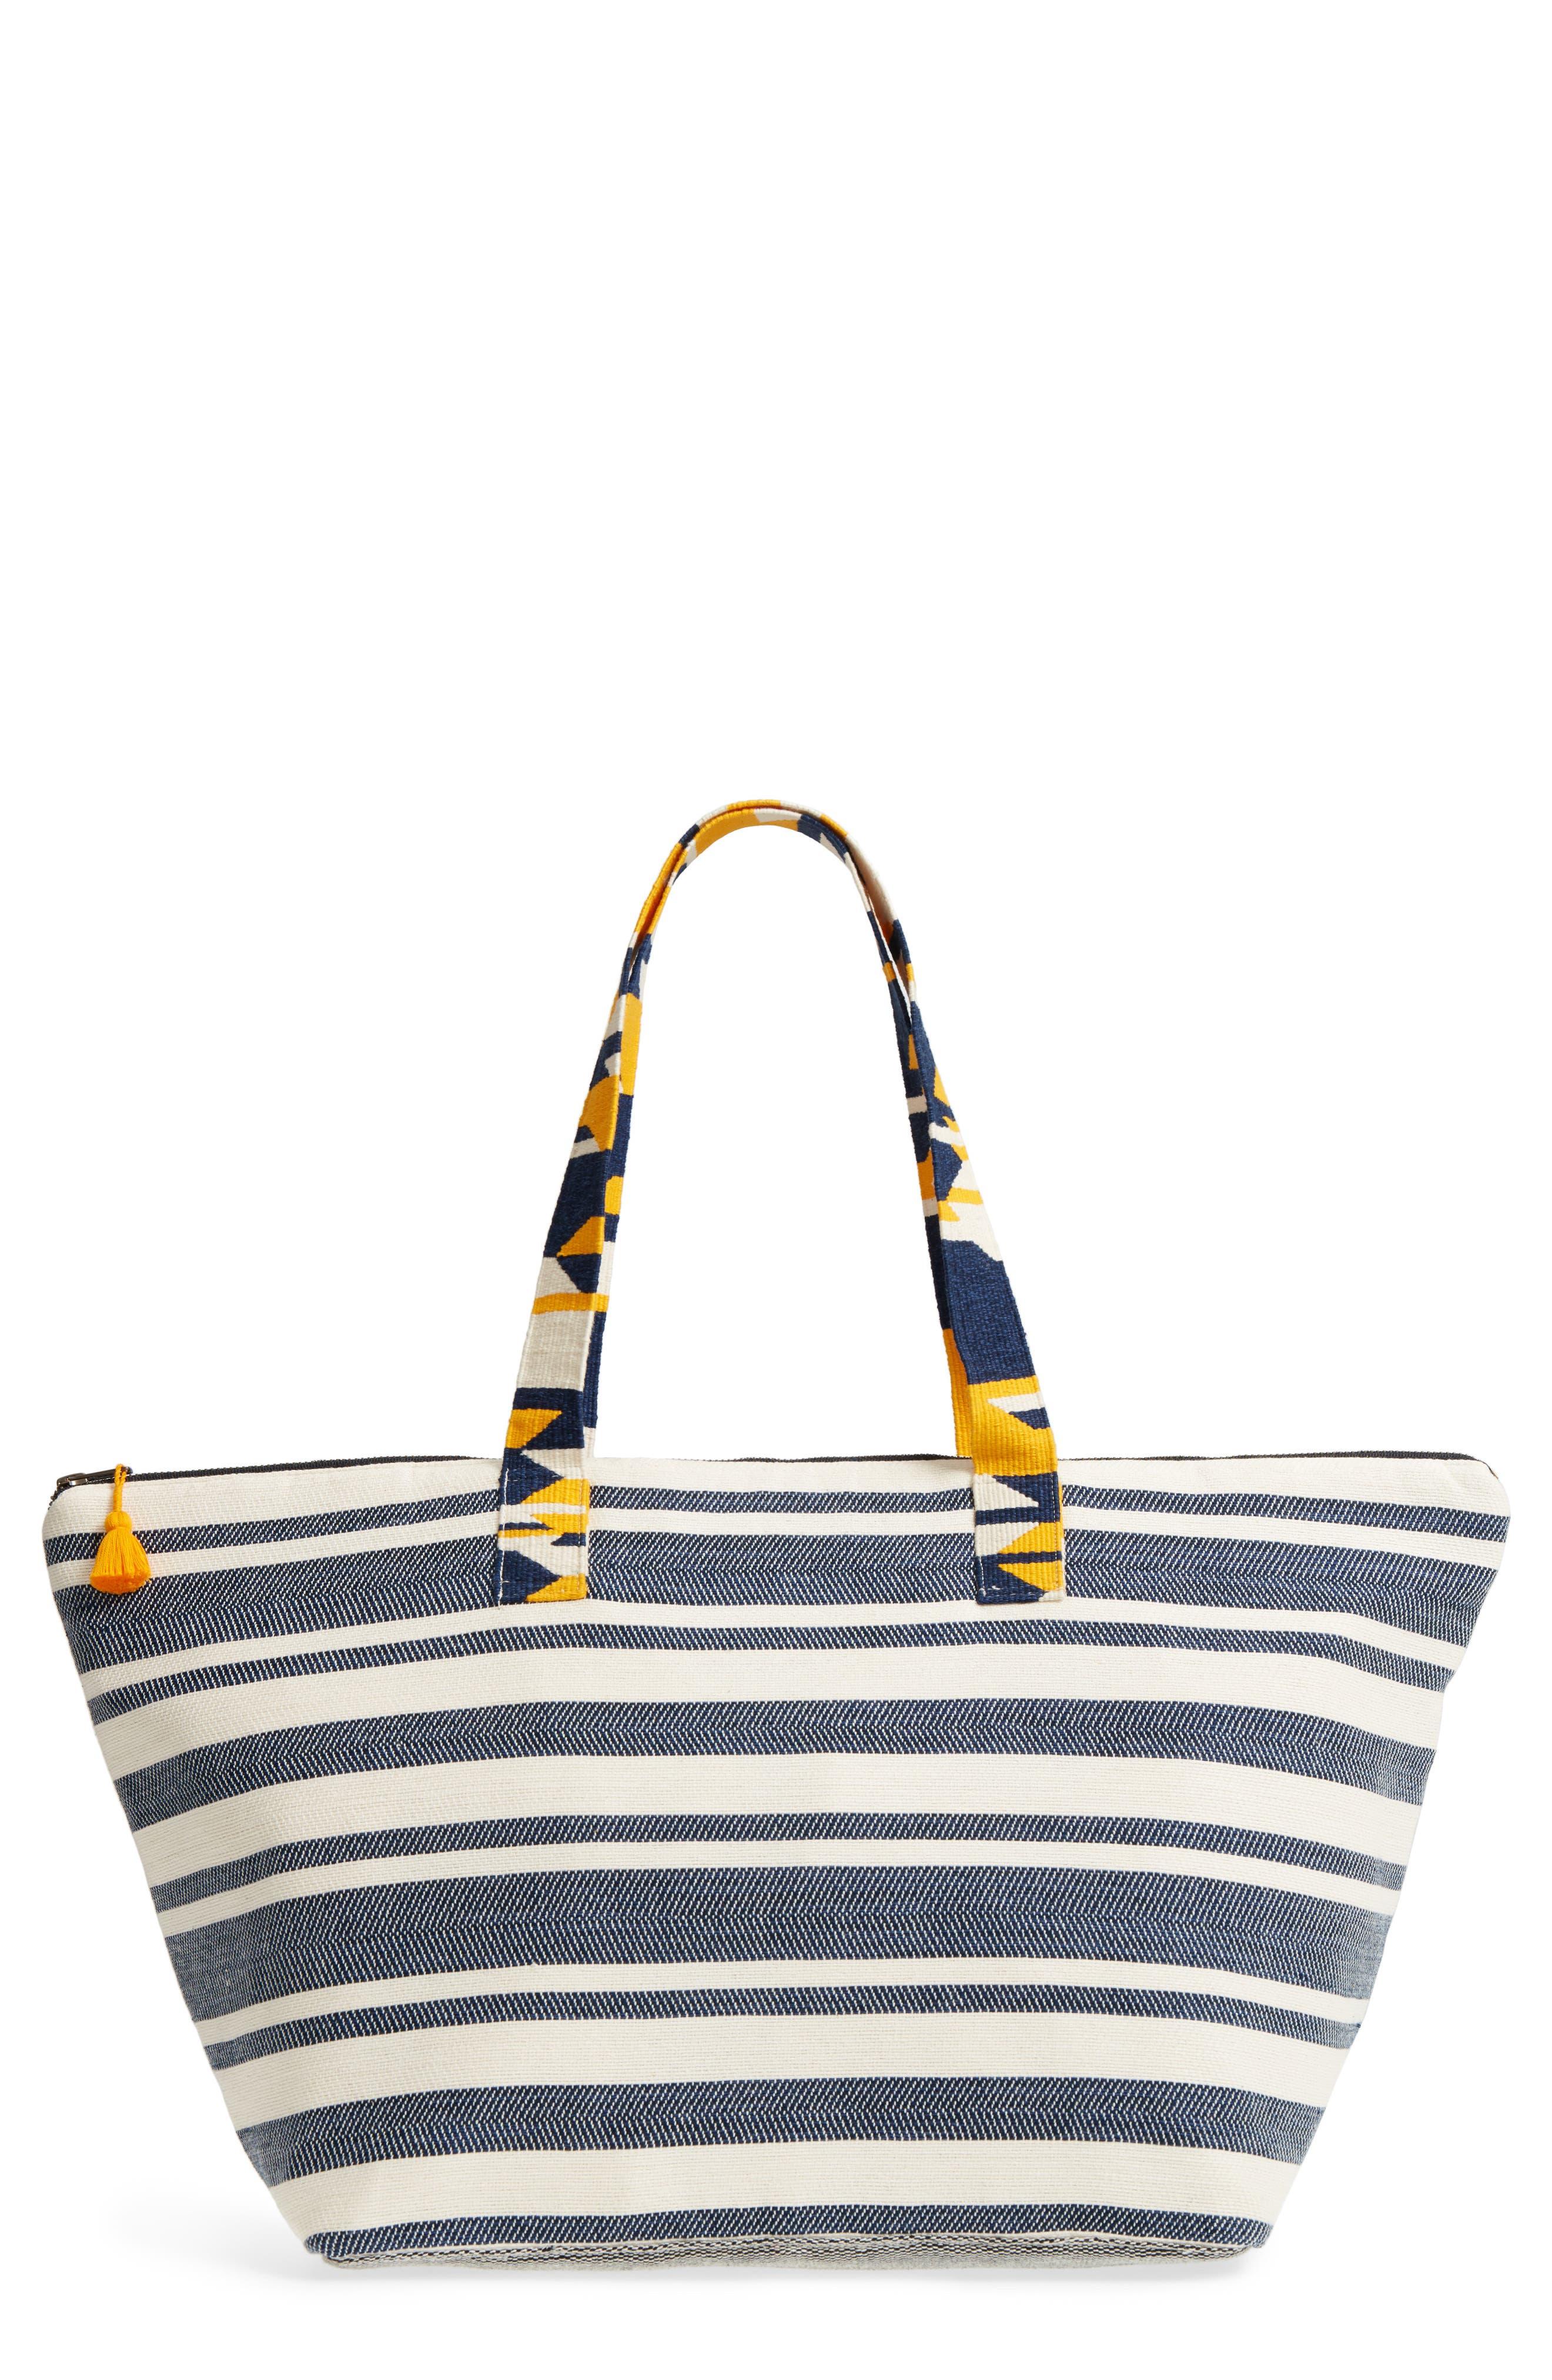 Iris Beach Bag,                             Main thumbnail 1, color,                             Sungold Denim Twill